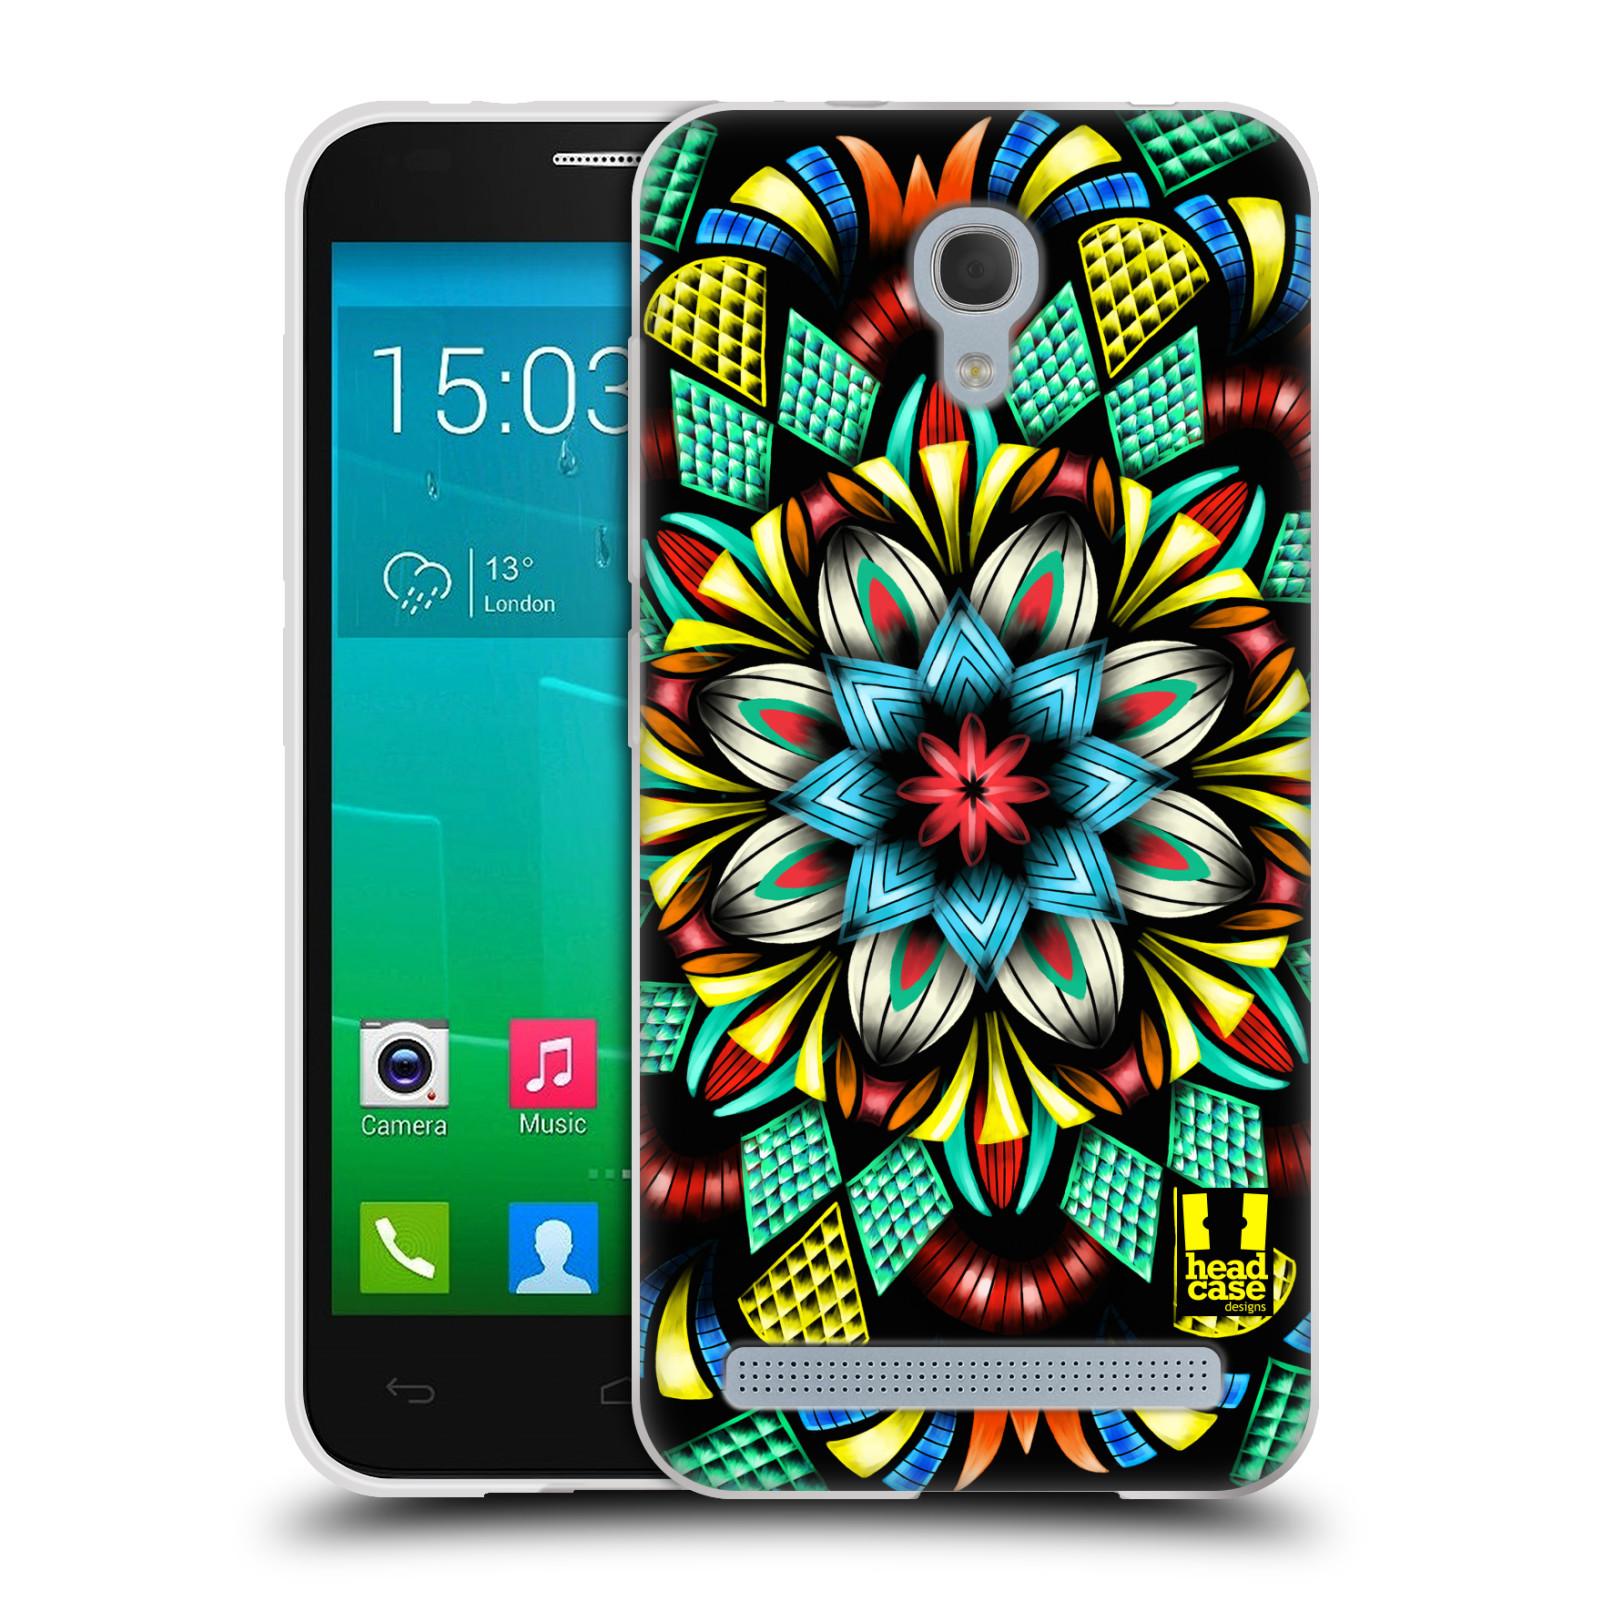 HEAD CASE silikonový obal na mobil Alcatel Idol 2 MINI S 6036Y vzor Indie Mandala kaleidoskop barevný vzor TRADIČNÍ